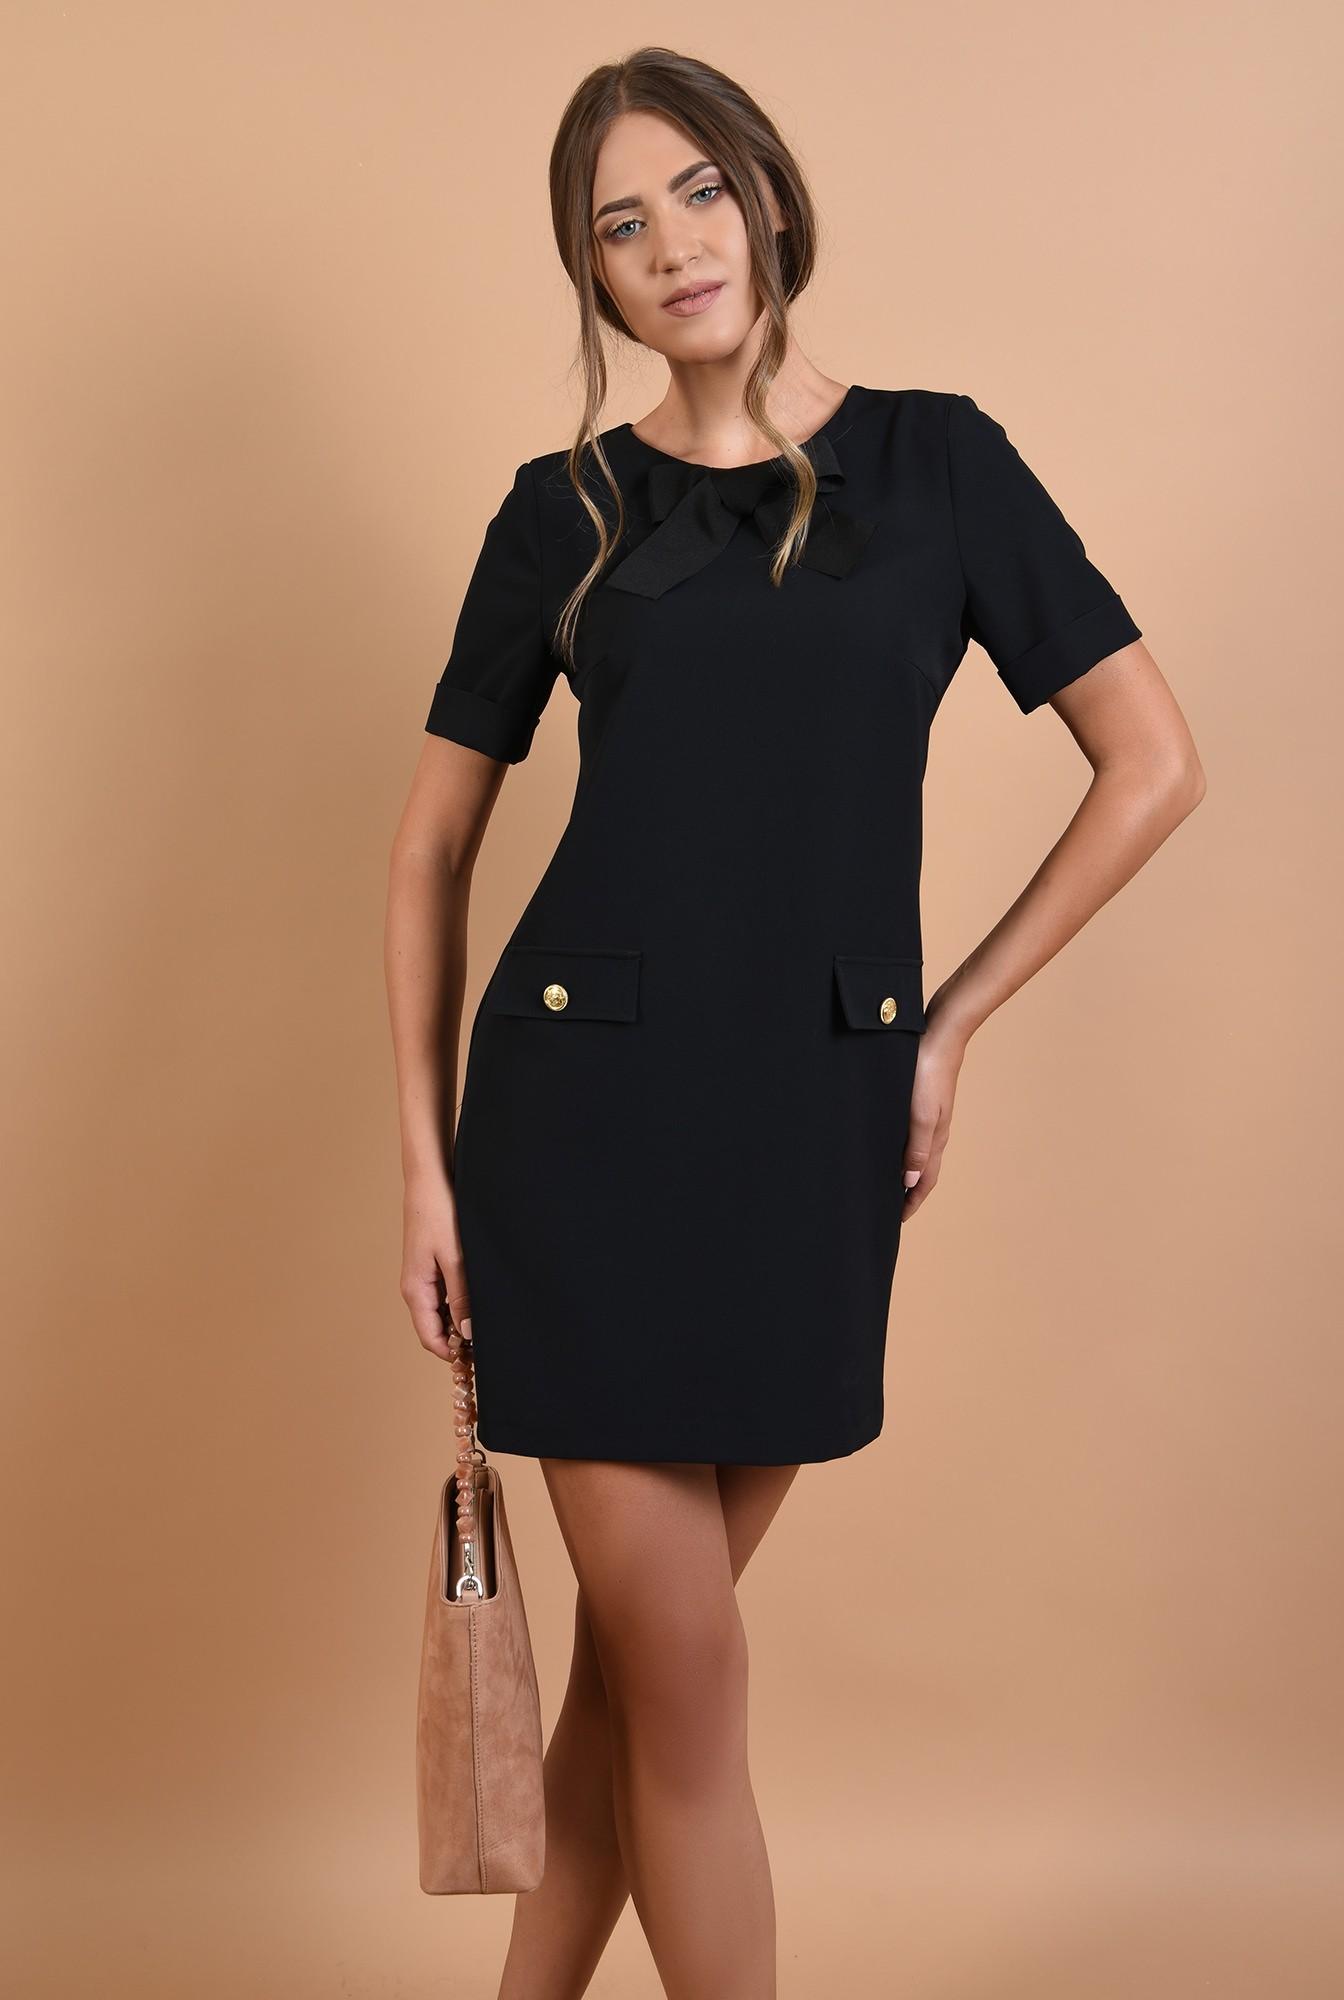 0 - rochie neagra, mini, dreapta, maneci scurte cu mansete